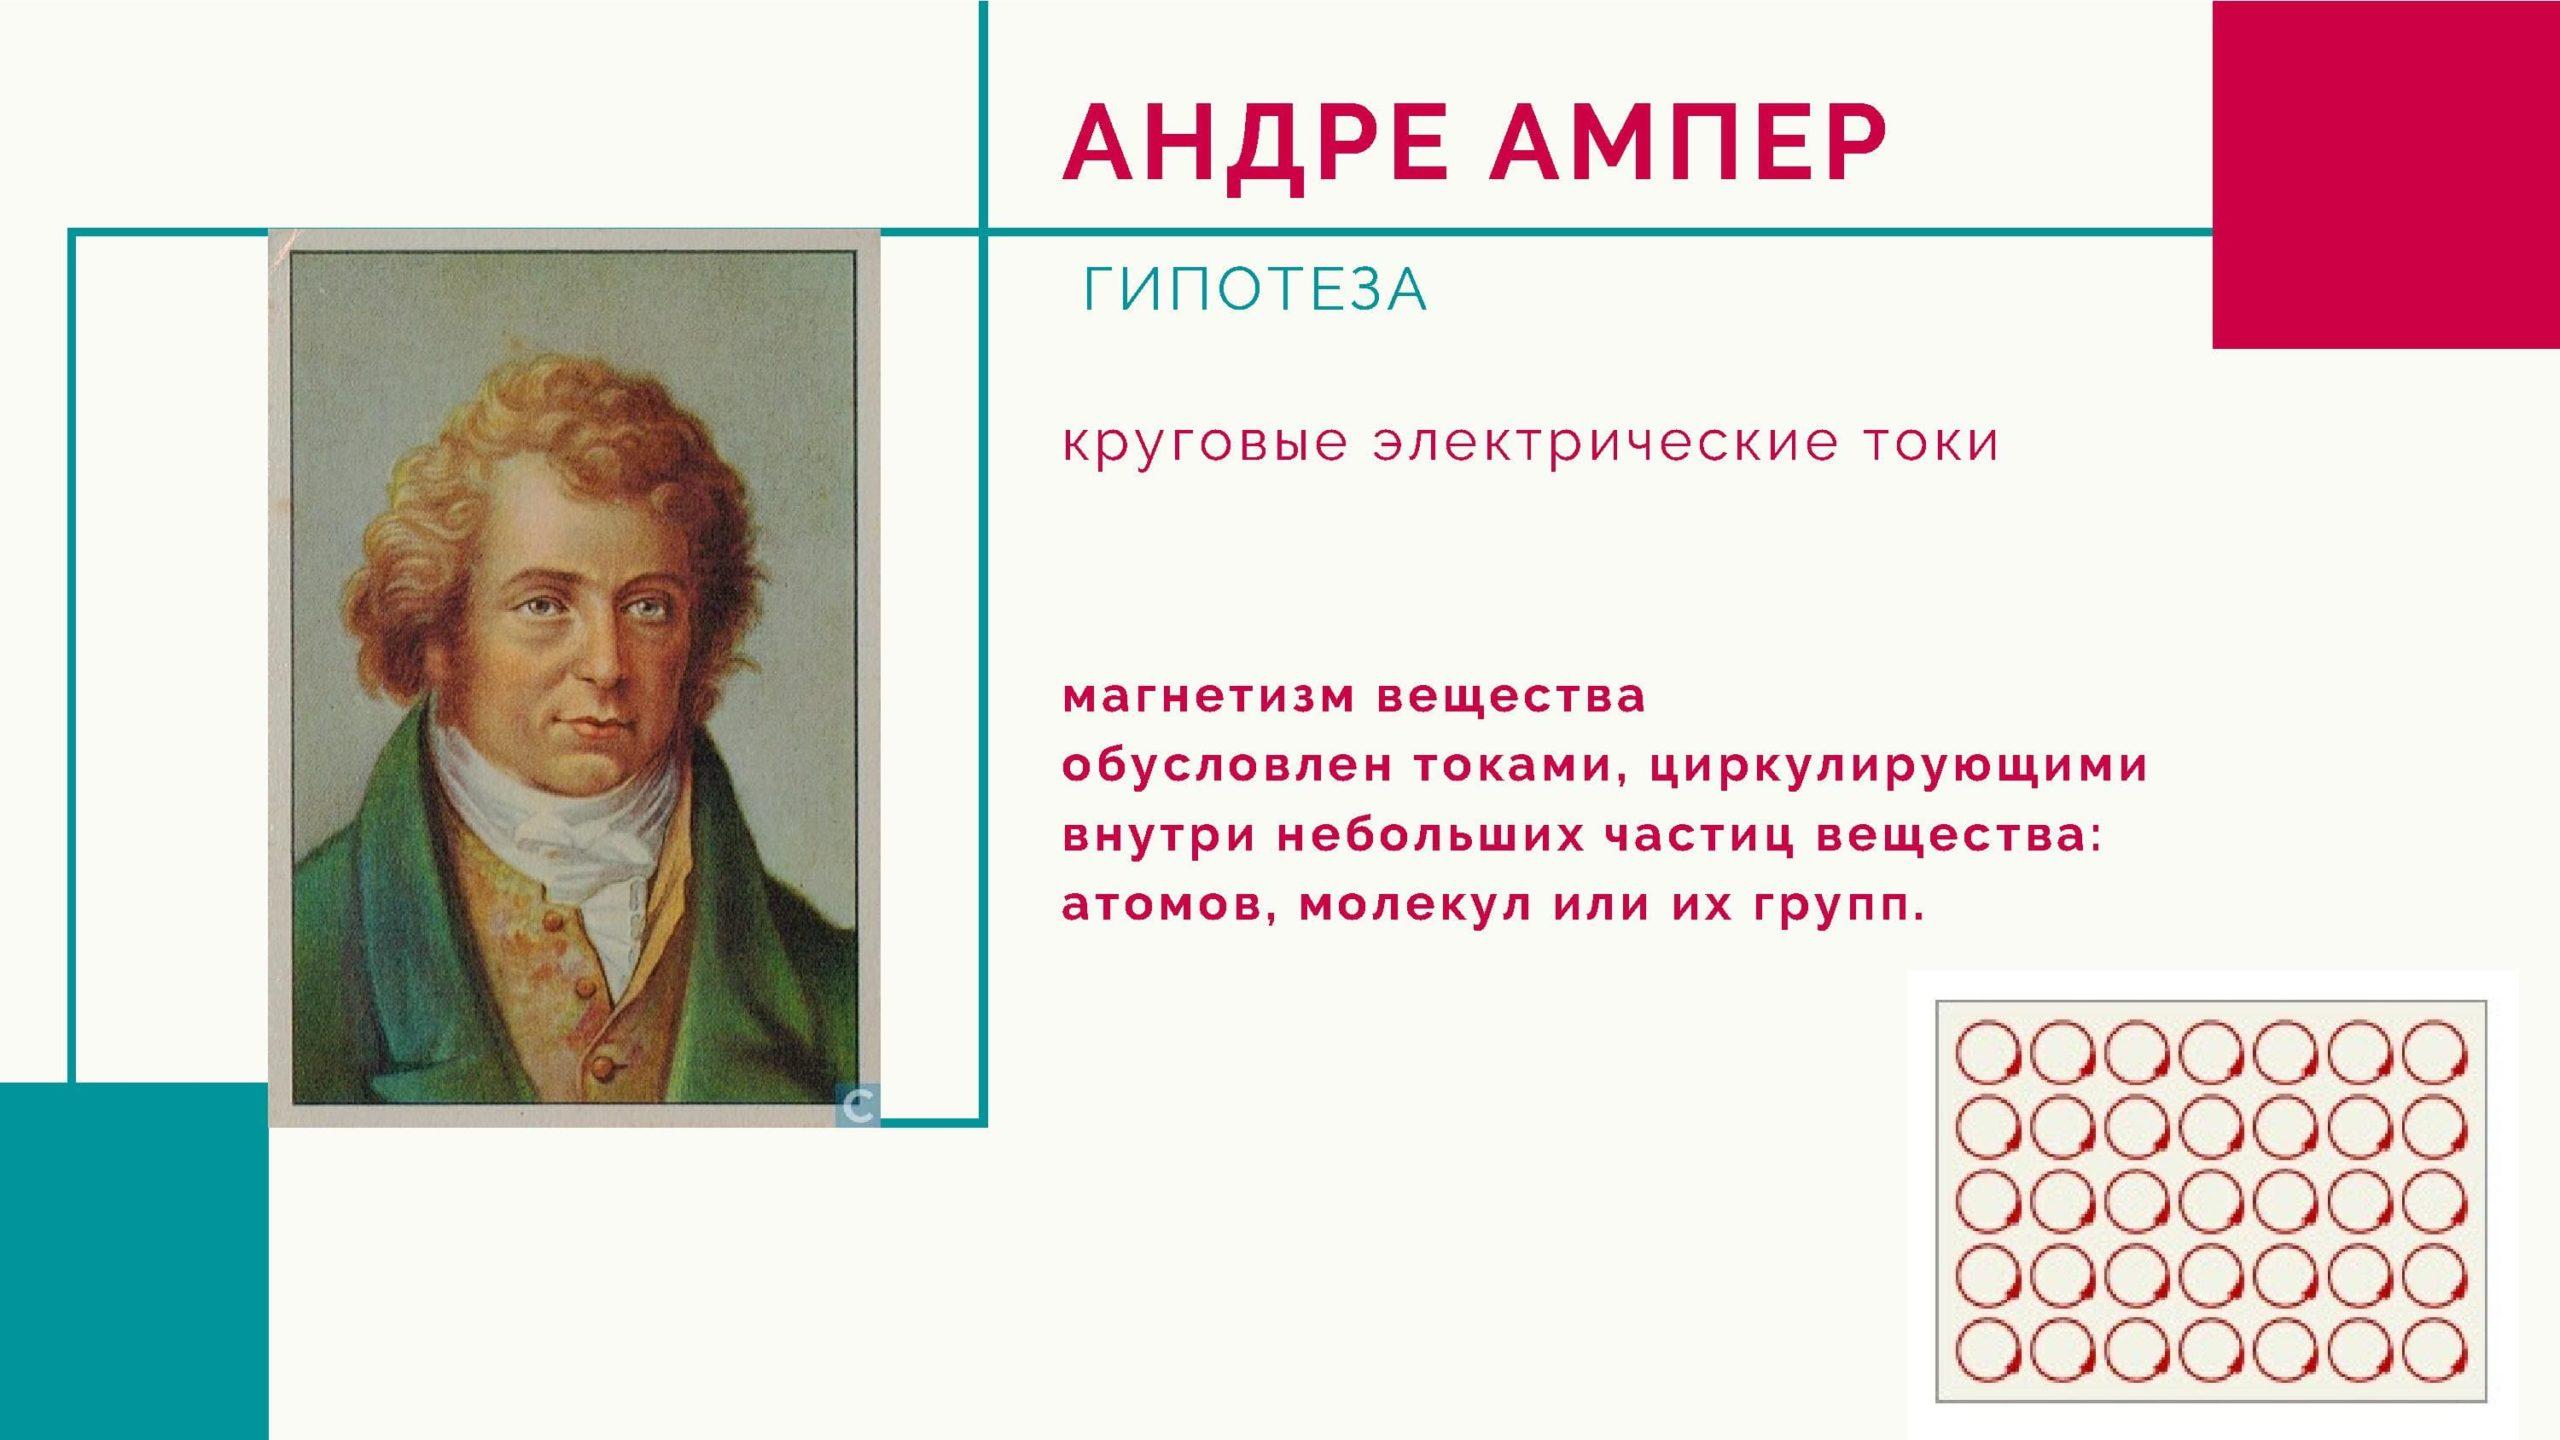 Андре Ампер. Круговые электрические токи